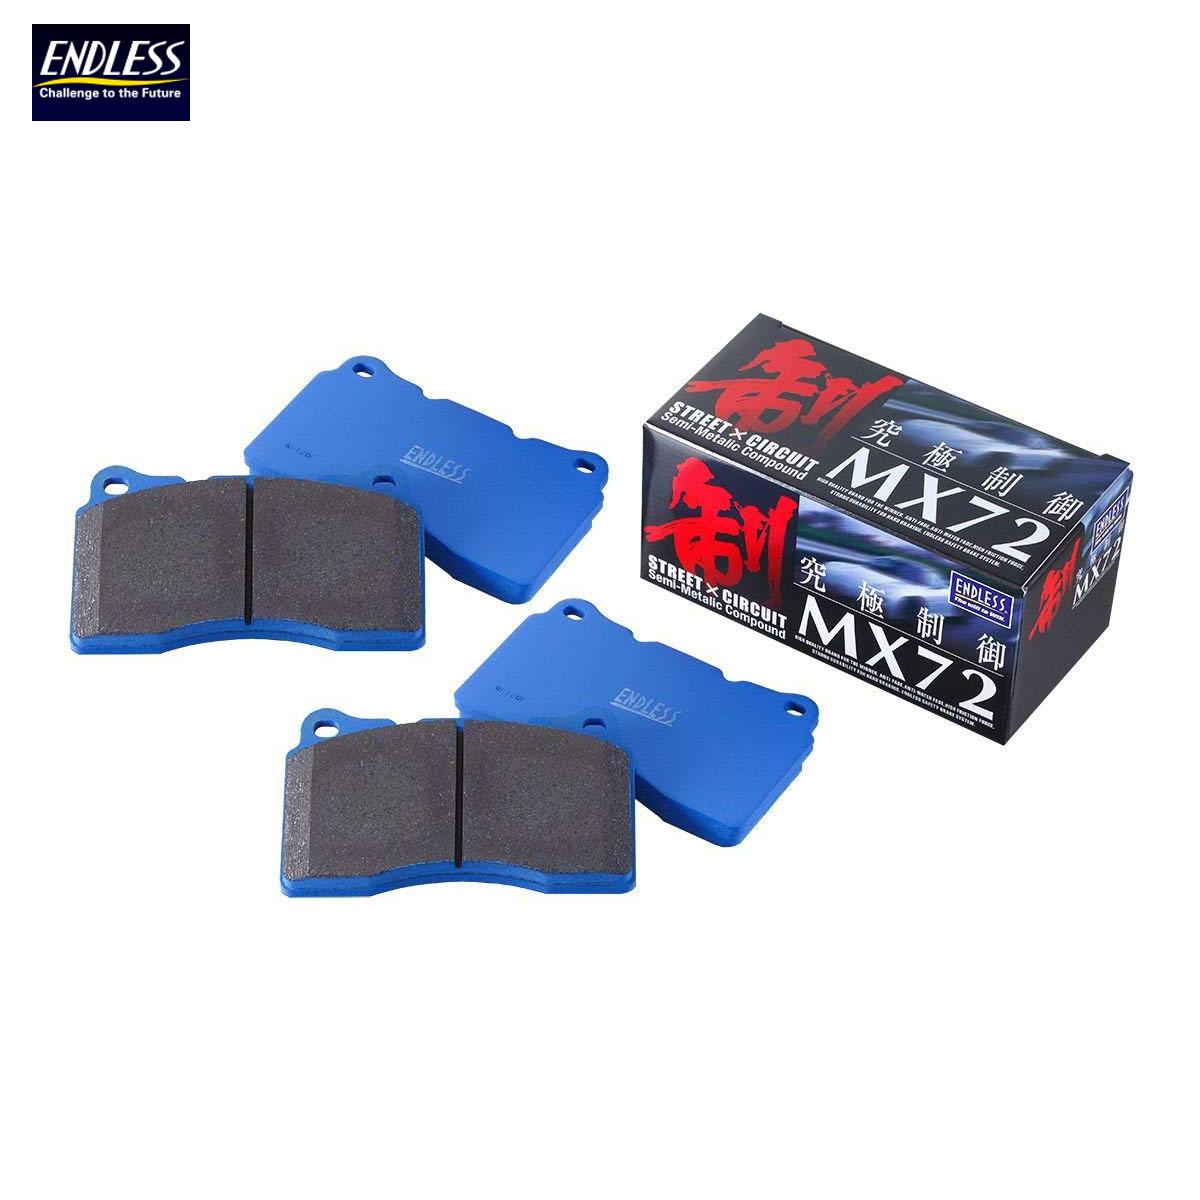 ENDLESS エンドレス ブレーキパッド MX72セット フロント EP382 リア EP381 イスト NCP61